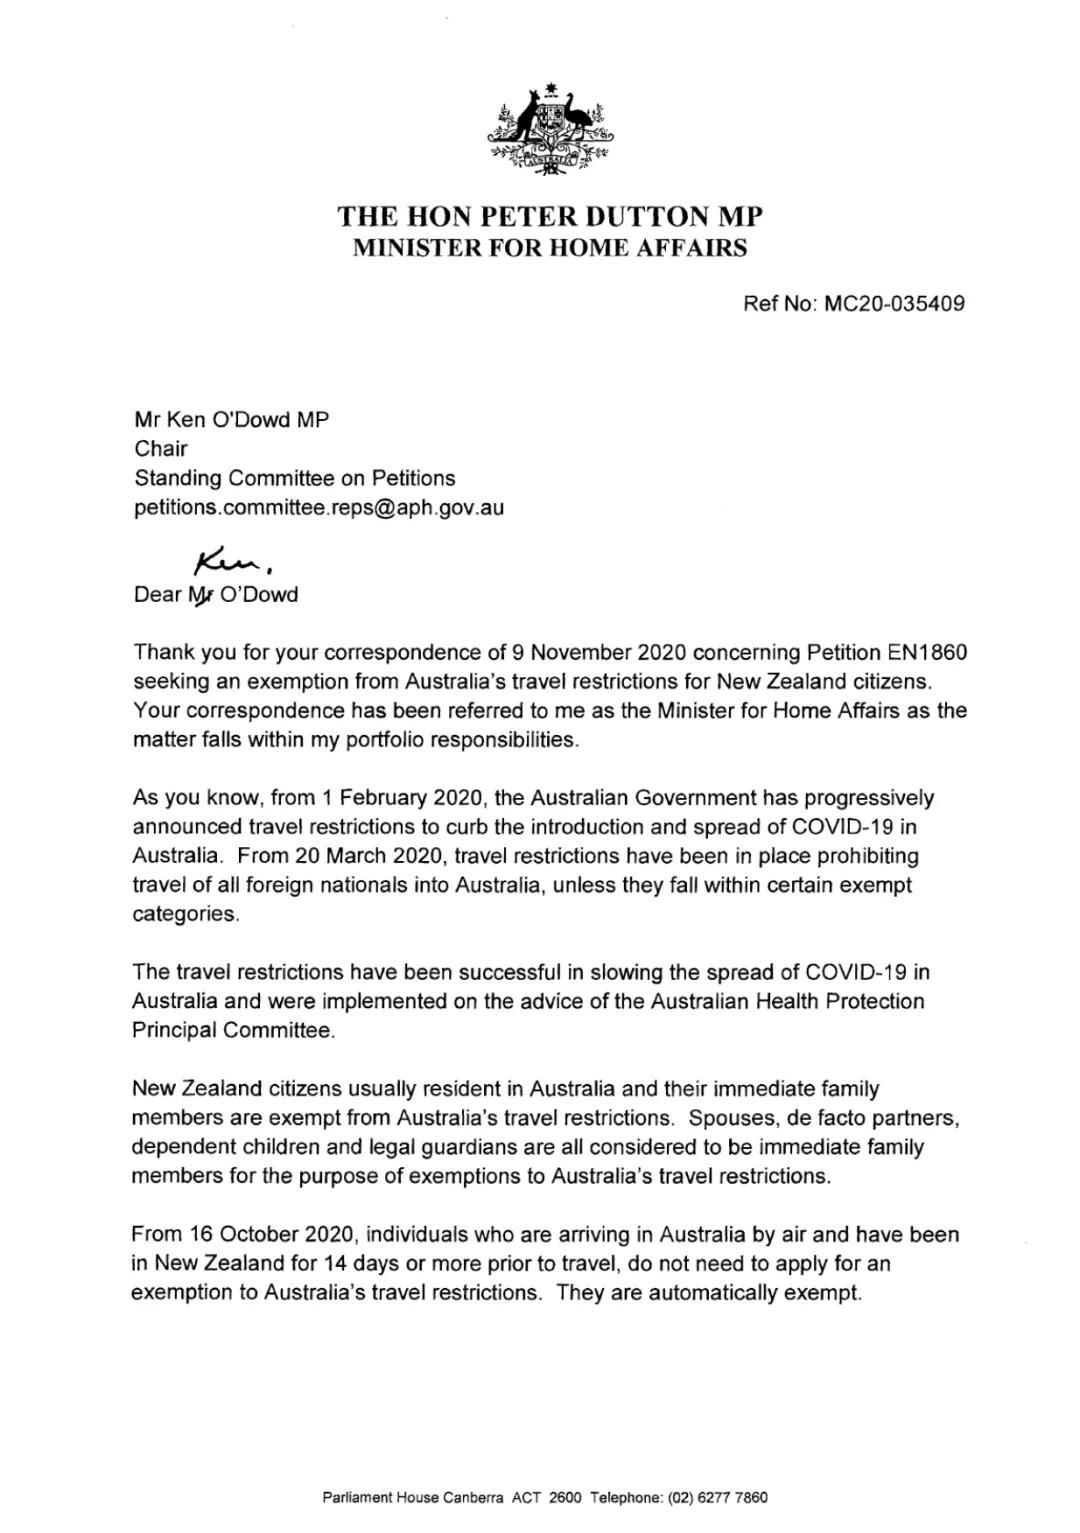 父母竟不算直系亲属?1.1万人请愿要求改规定,澳内政部长回应